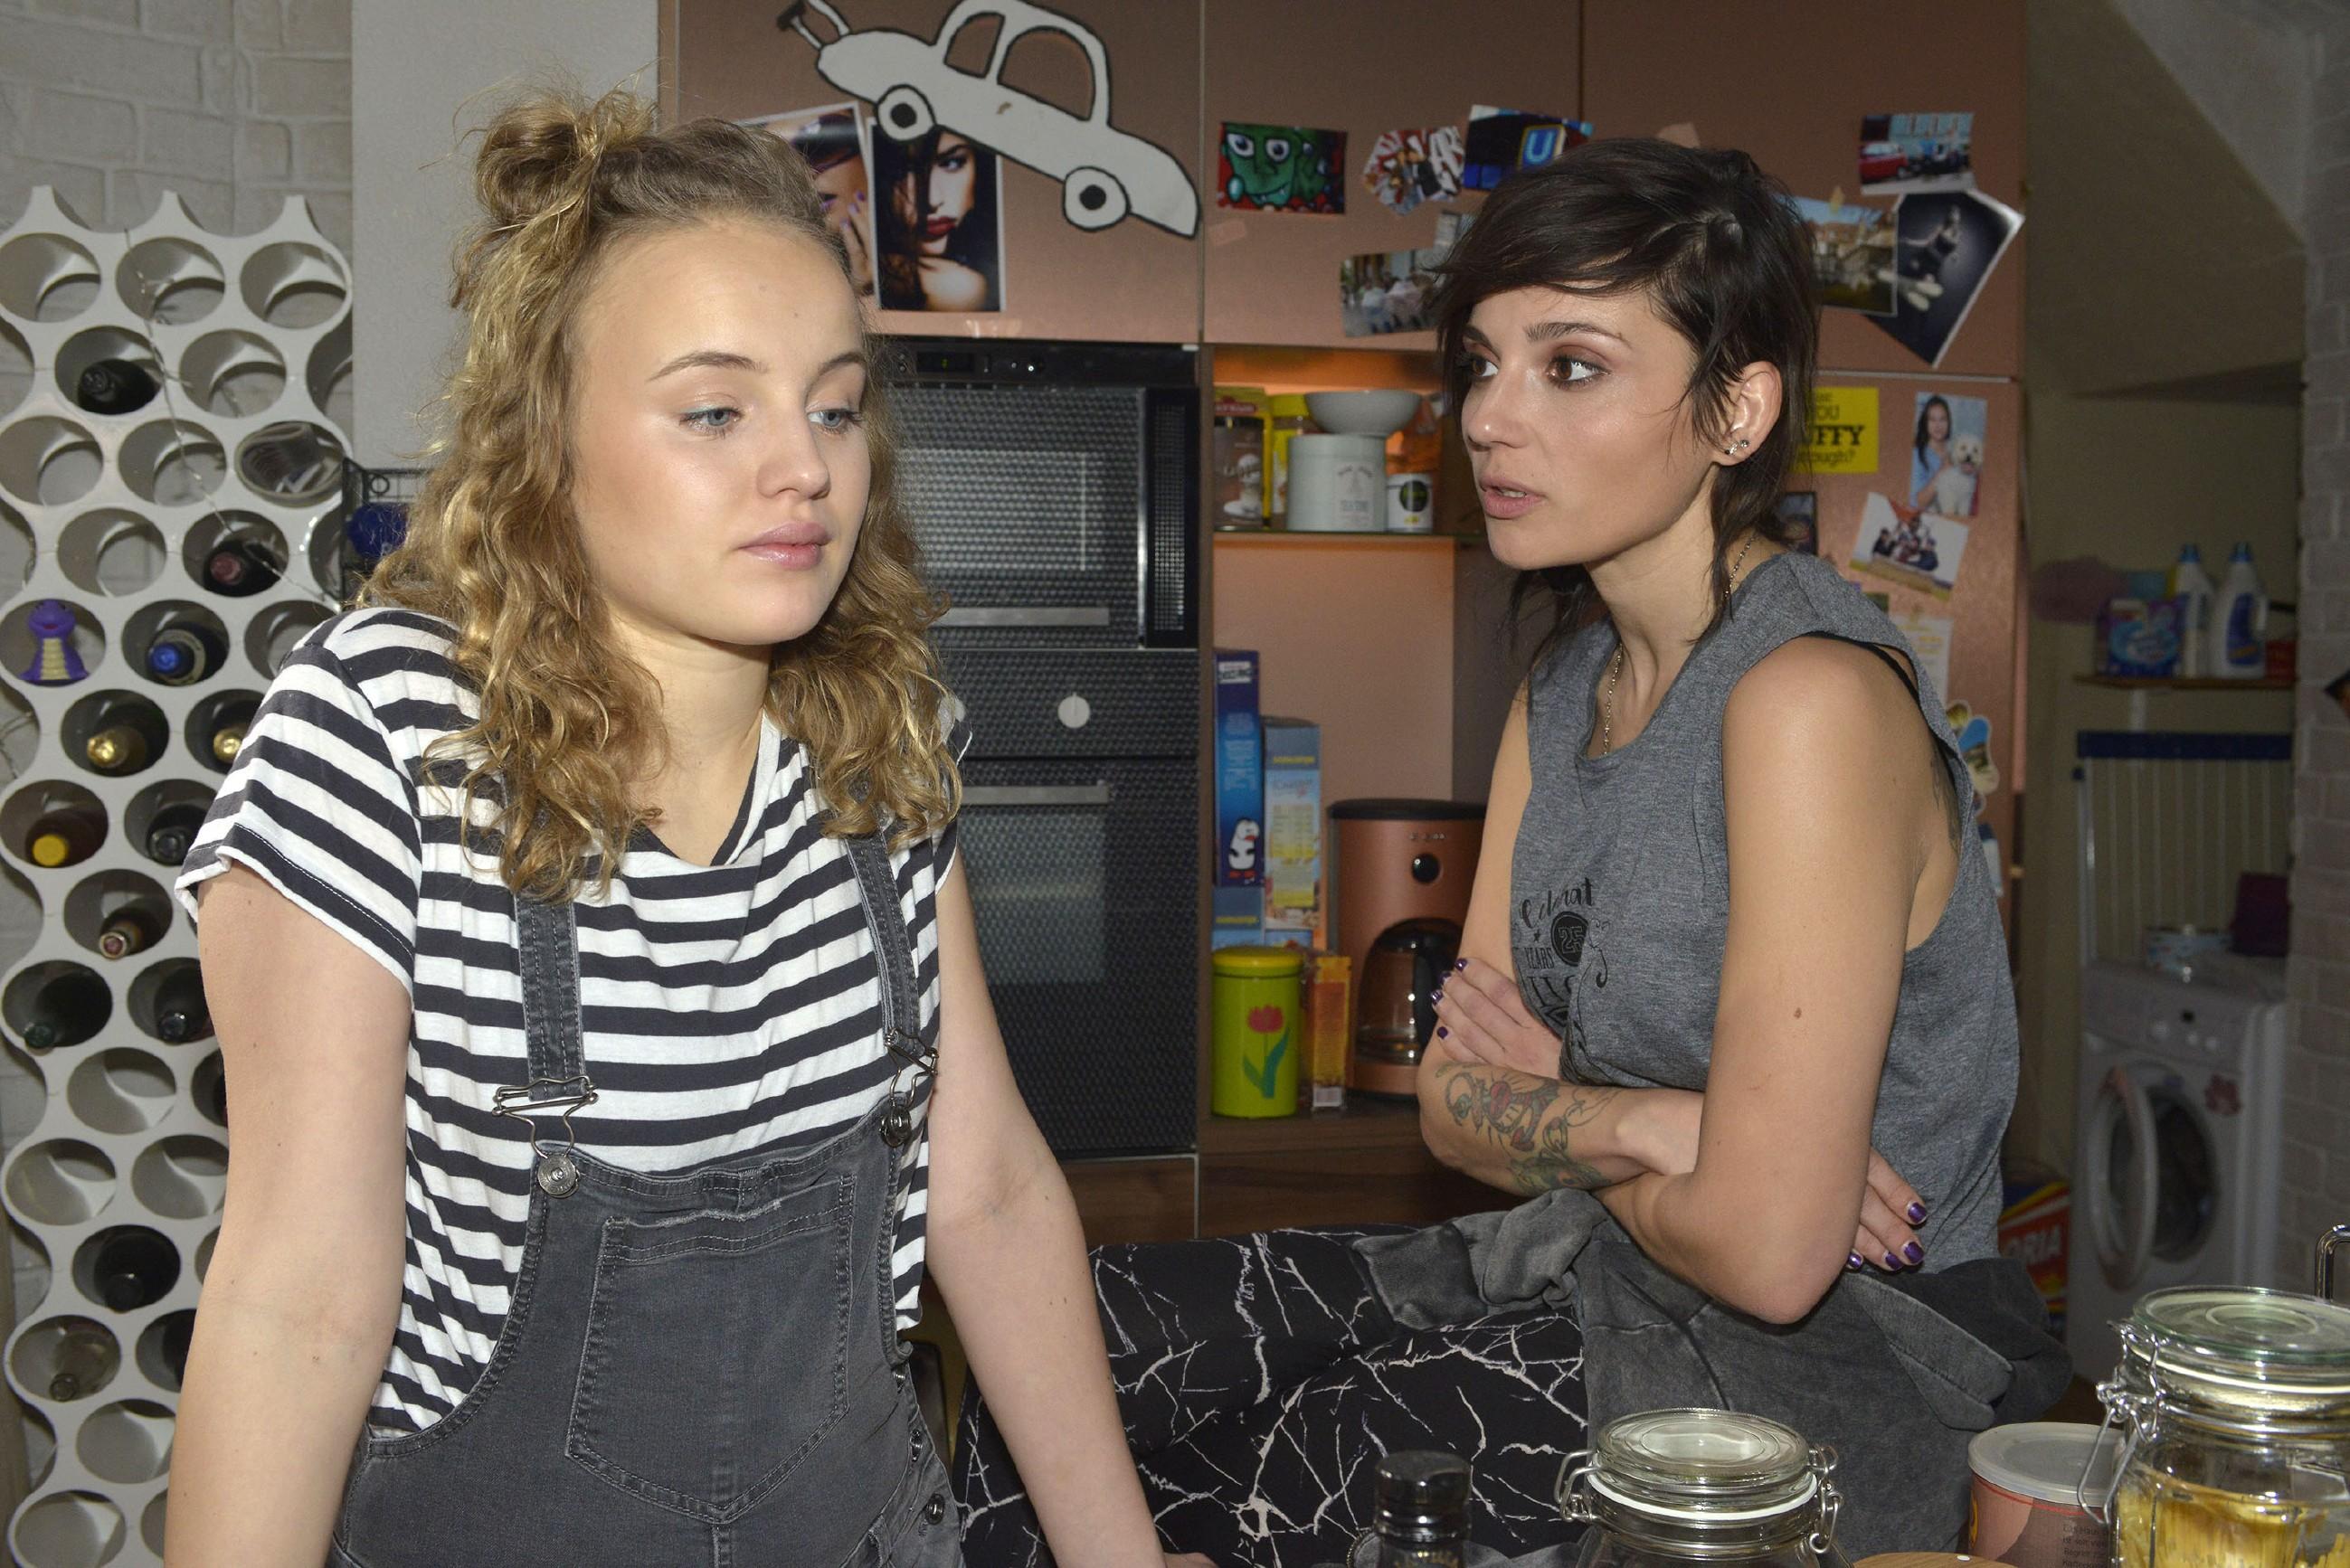 Jule (Luise Finckh, l.) erkennt im Gespräch mit Anni (Linda Marlen Runge), dass es mit ihr und Tuner so nicht weitergehen kann. (Quelle: RTL / Rolf Baumgartner)